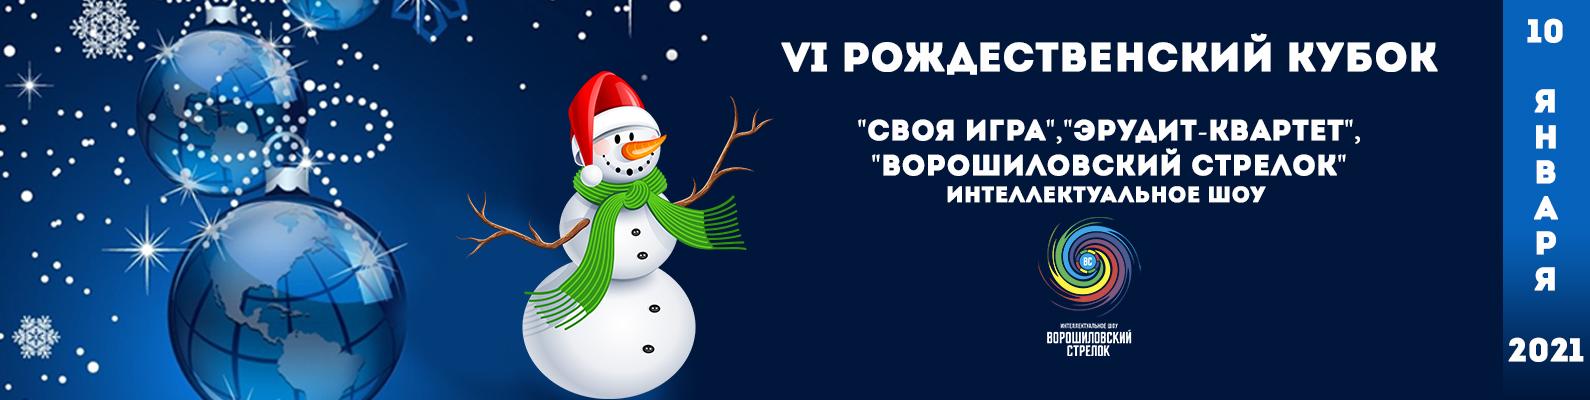 IV Рождественский кубок интеллектуальных игр-2021